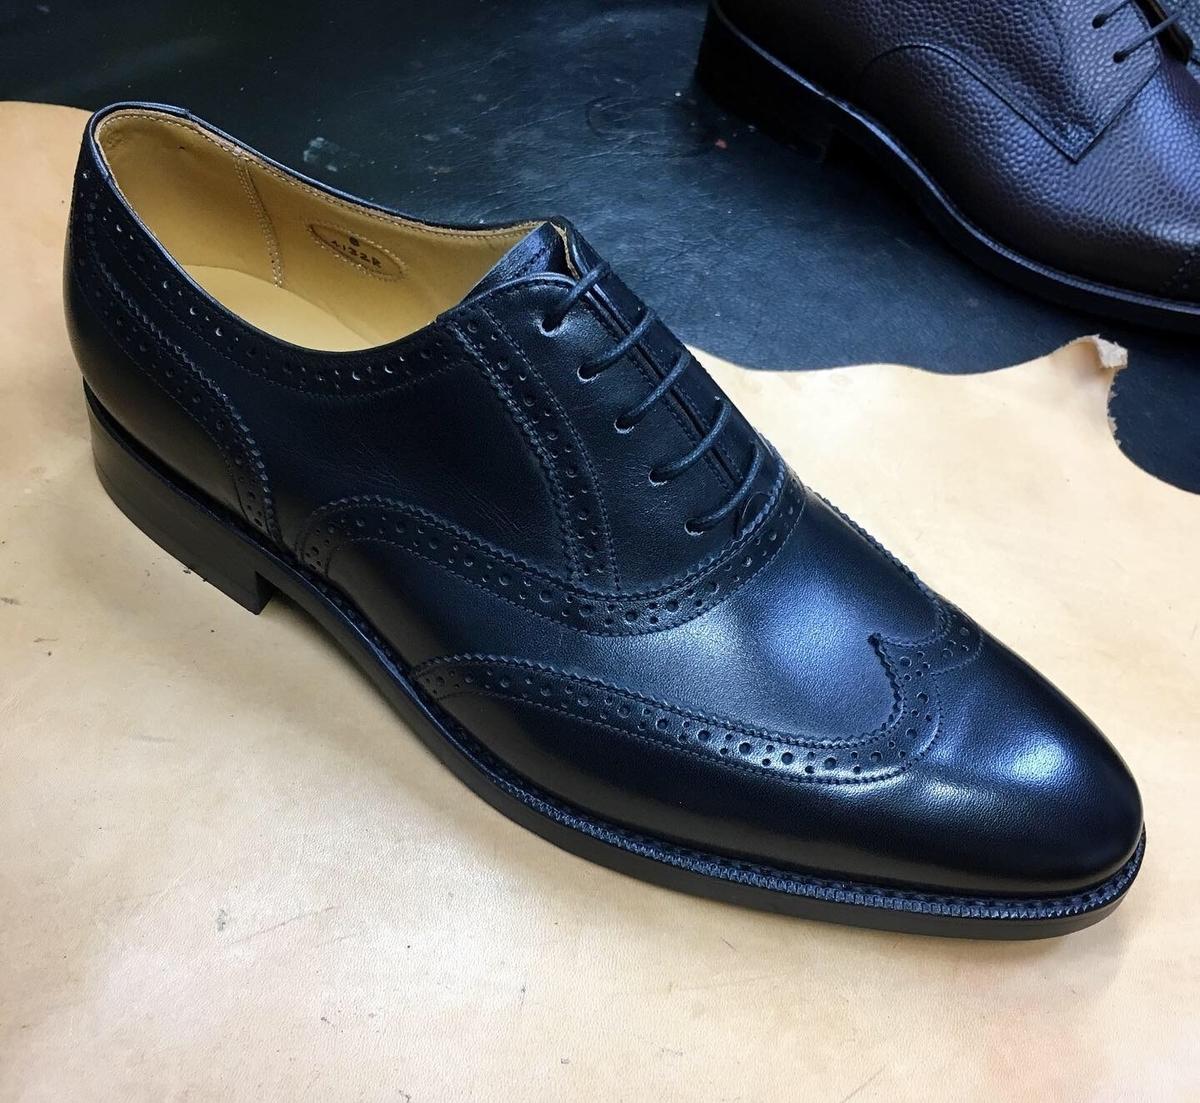 f:id:raymar-shoes:20190823215432j:plain